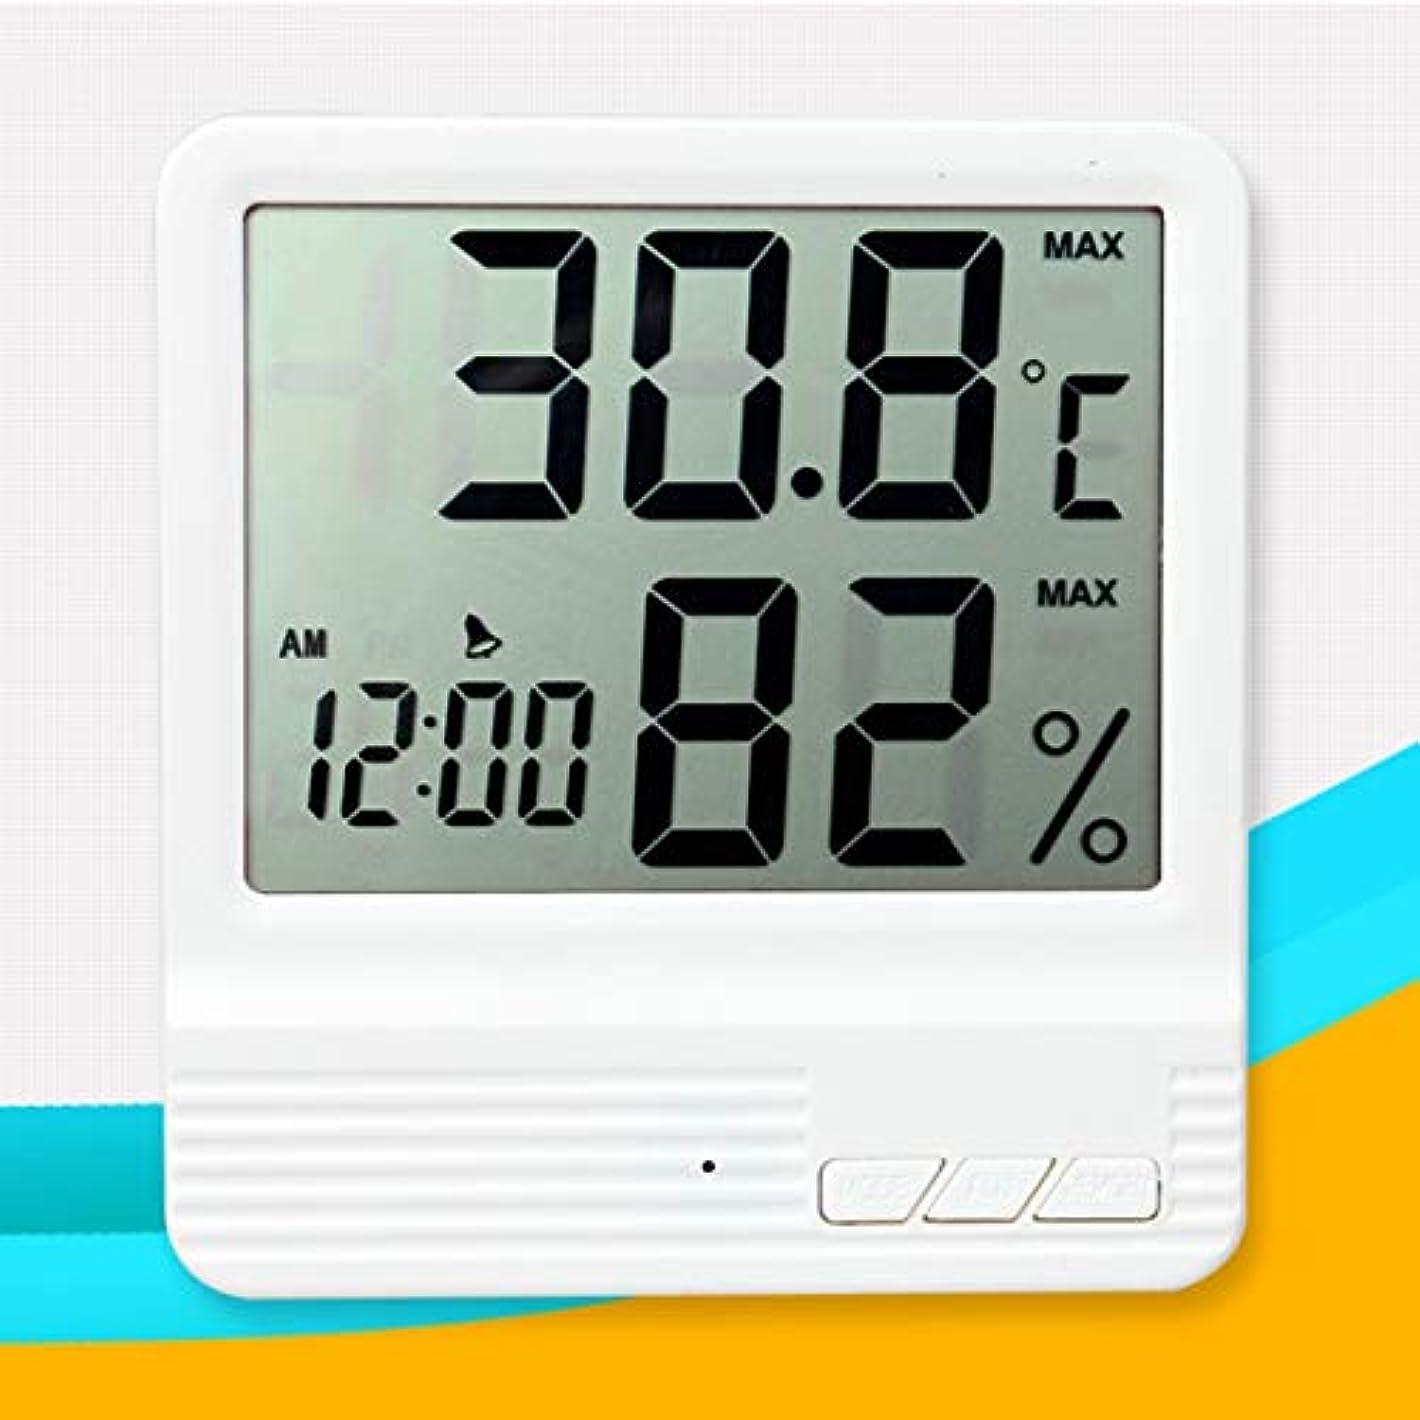 持続的鍔まもなくSaikogoods 電子体温計湿度計 デジタルディスプレイ 温度湿度モニター アラーム時計 屋内家庭用 白